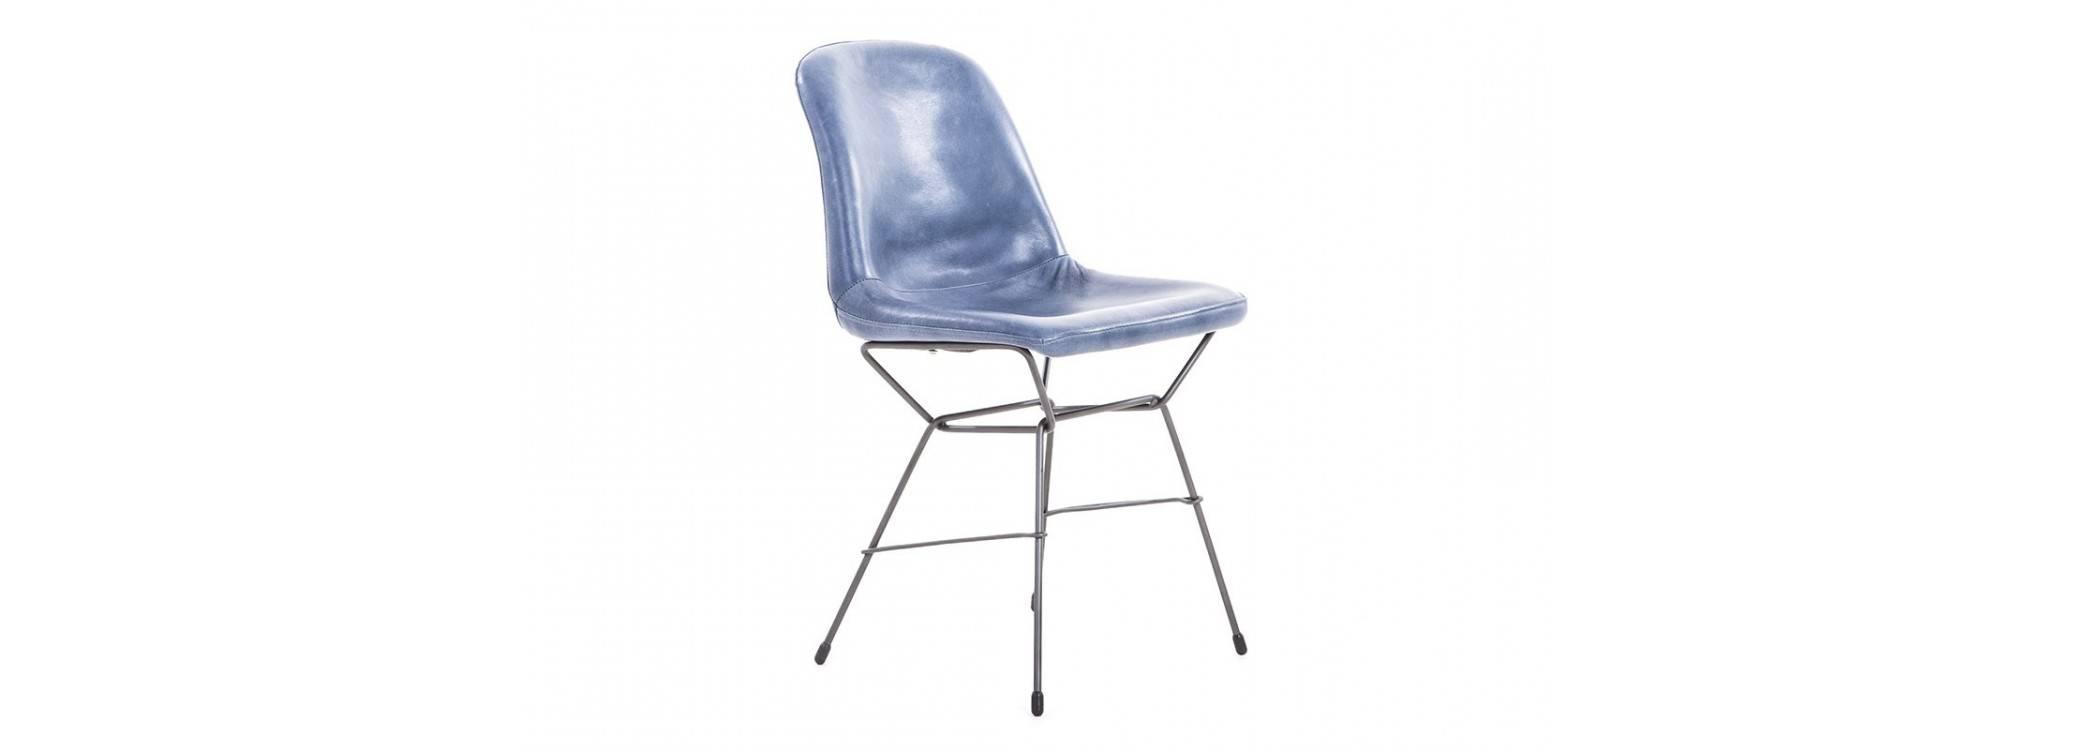 Chaise Rockford avec revêtement en cuir - coloris bleu